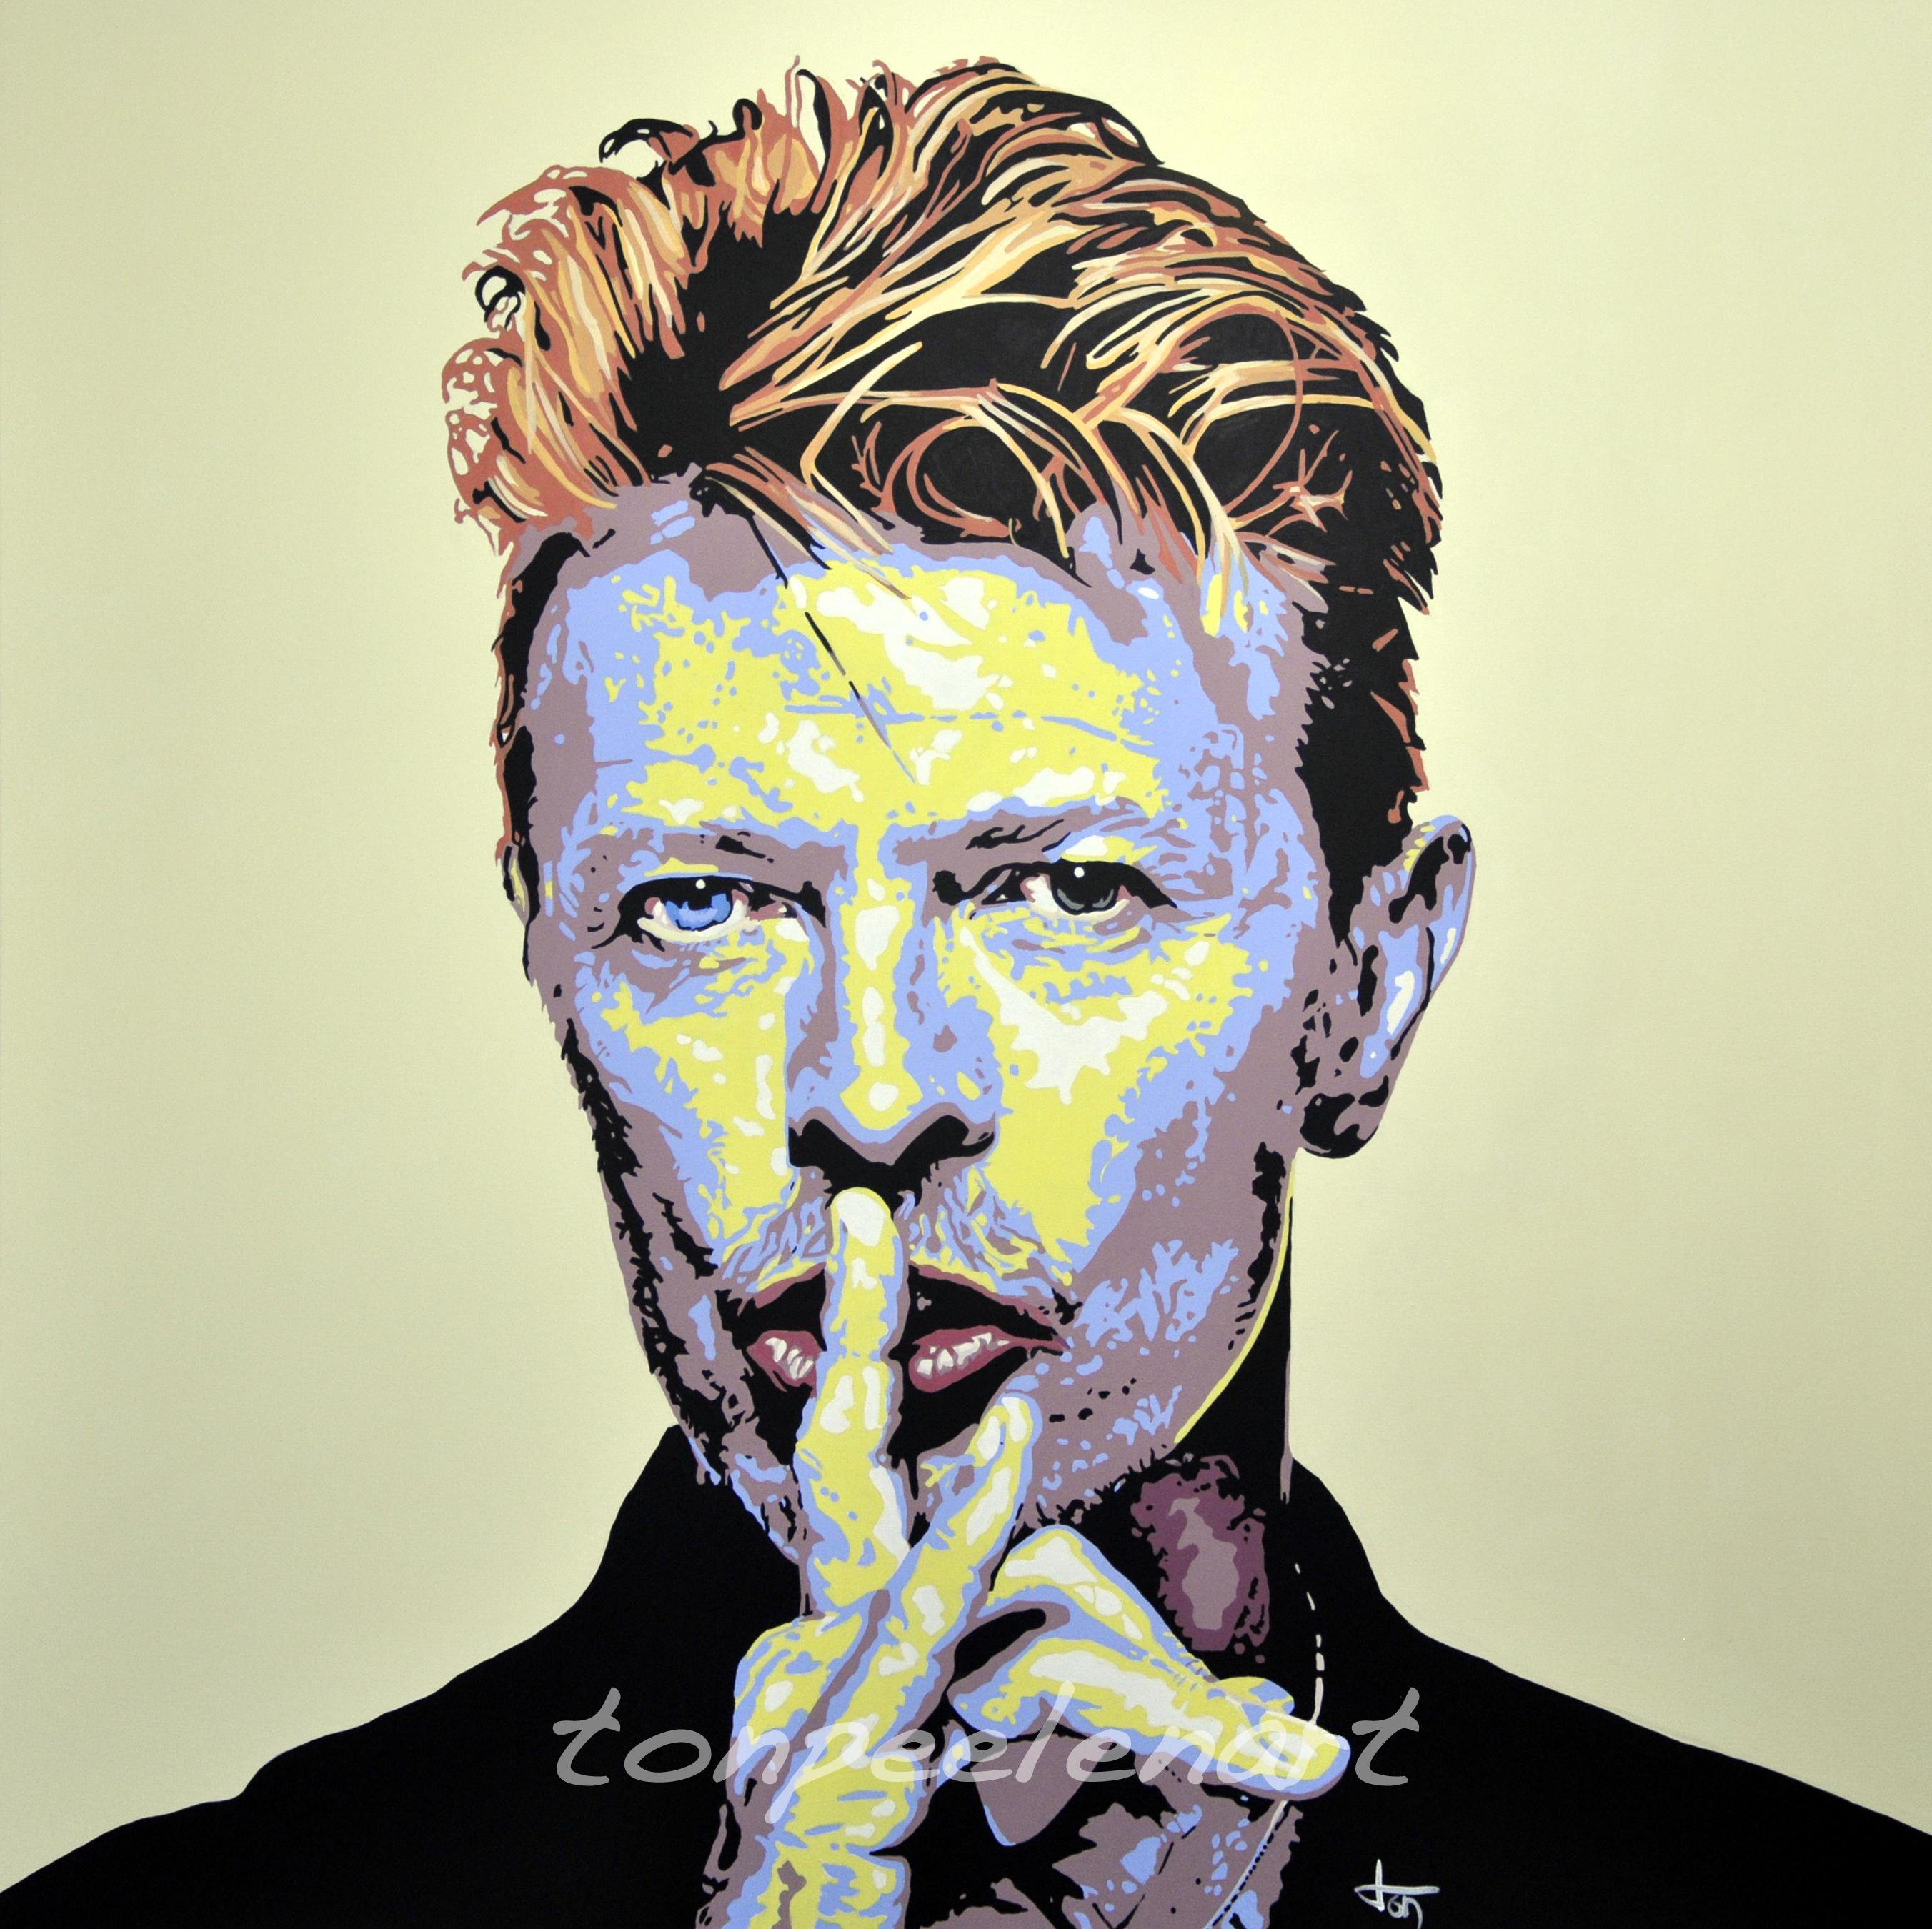 David Bowie by Ton Peelen